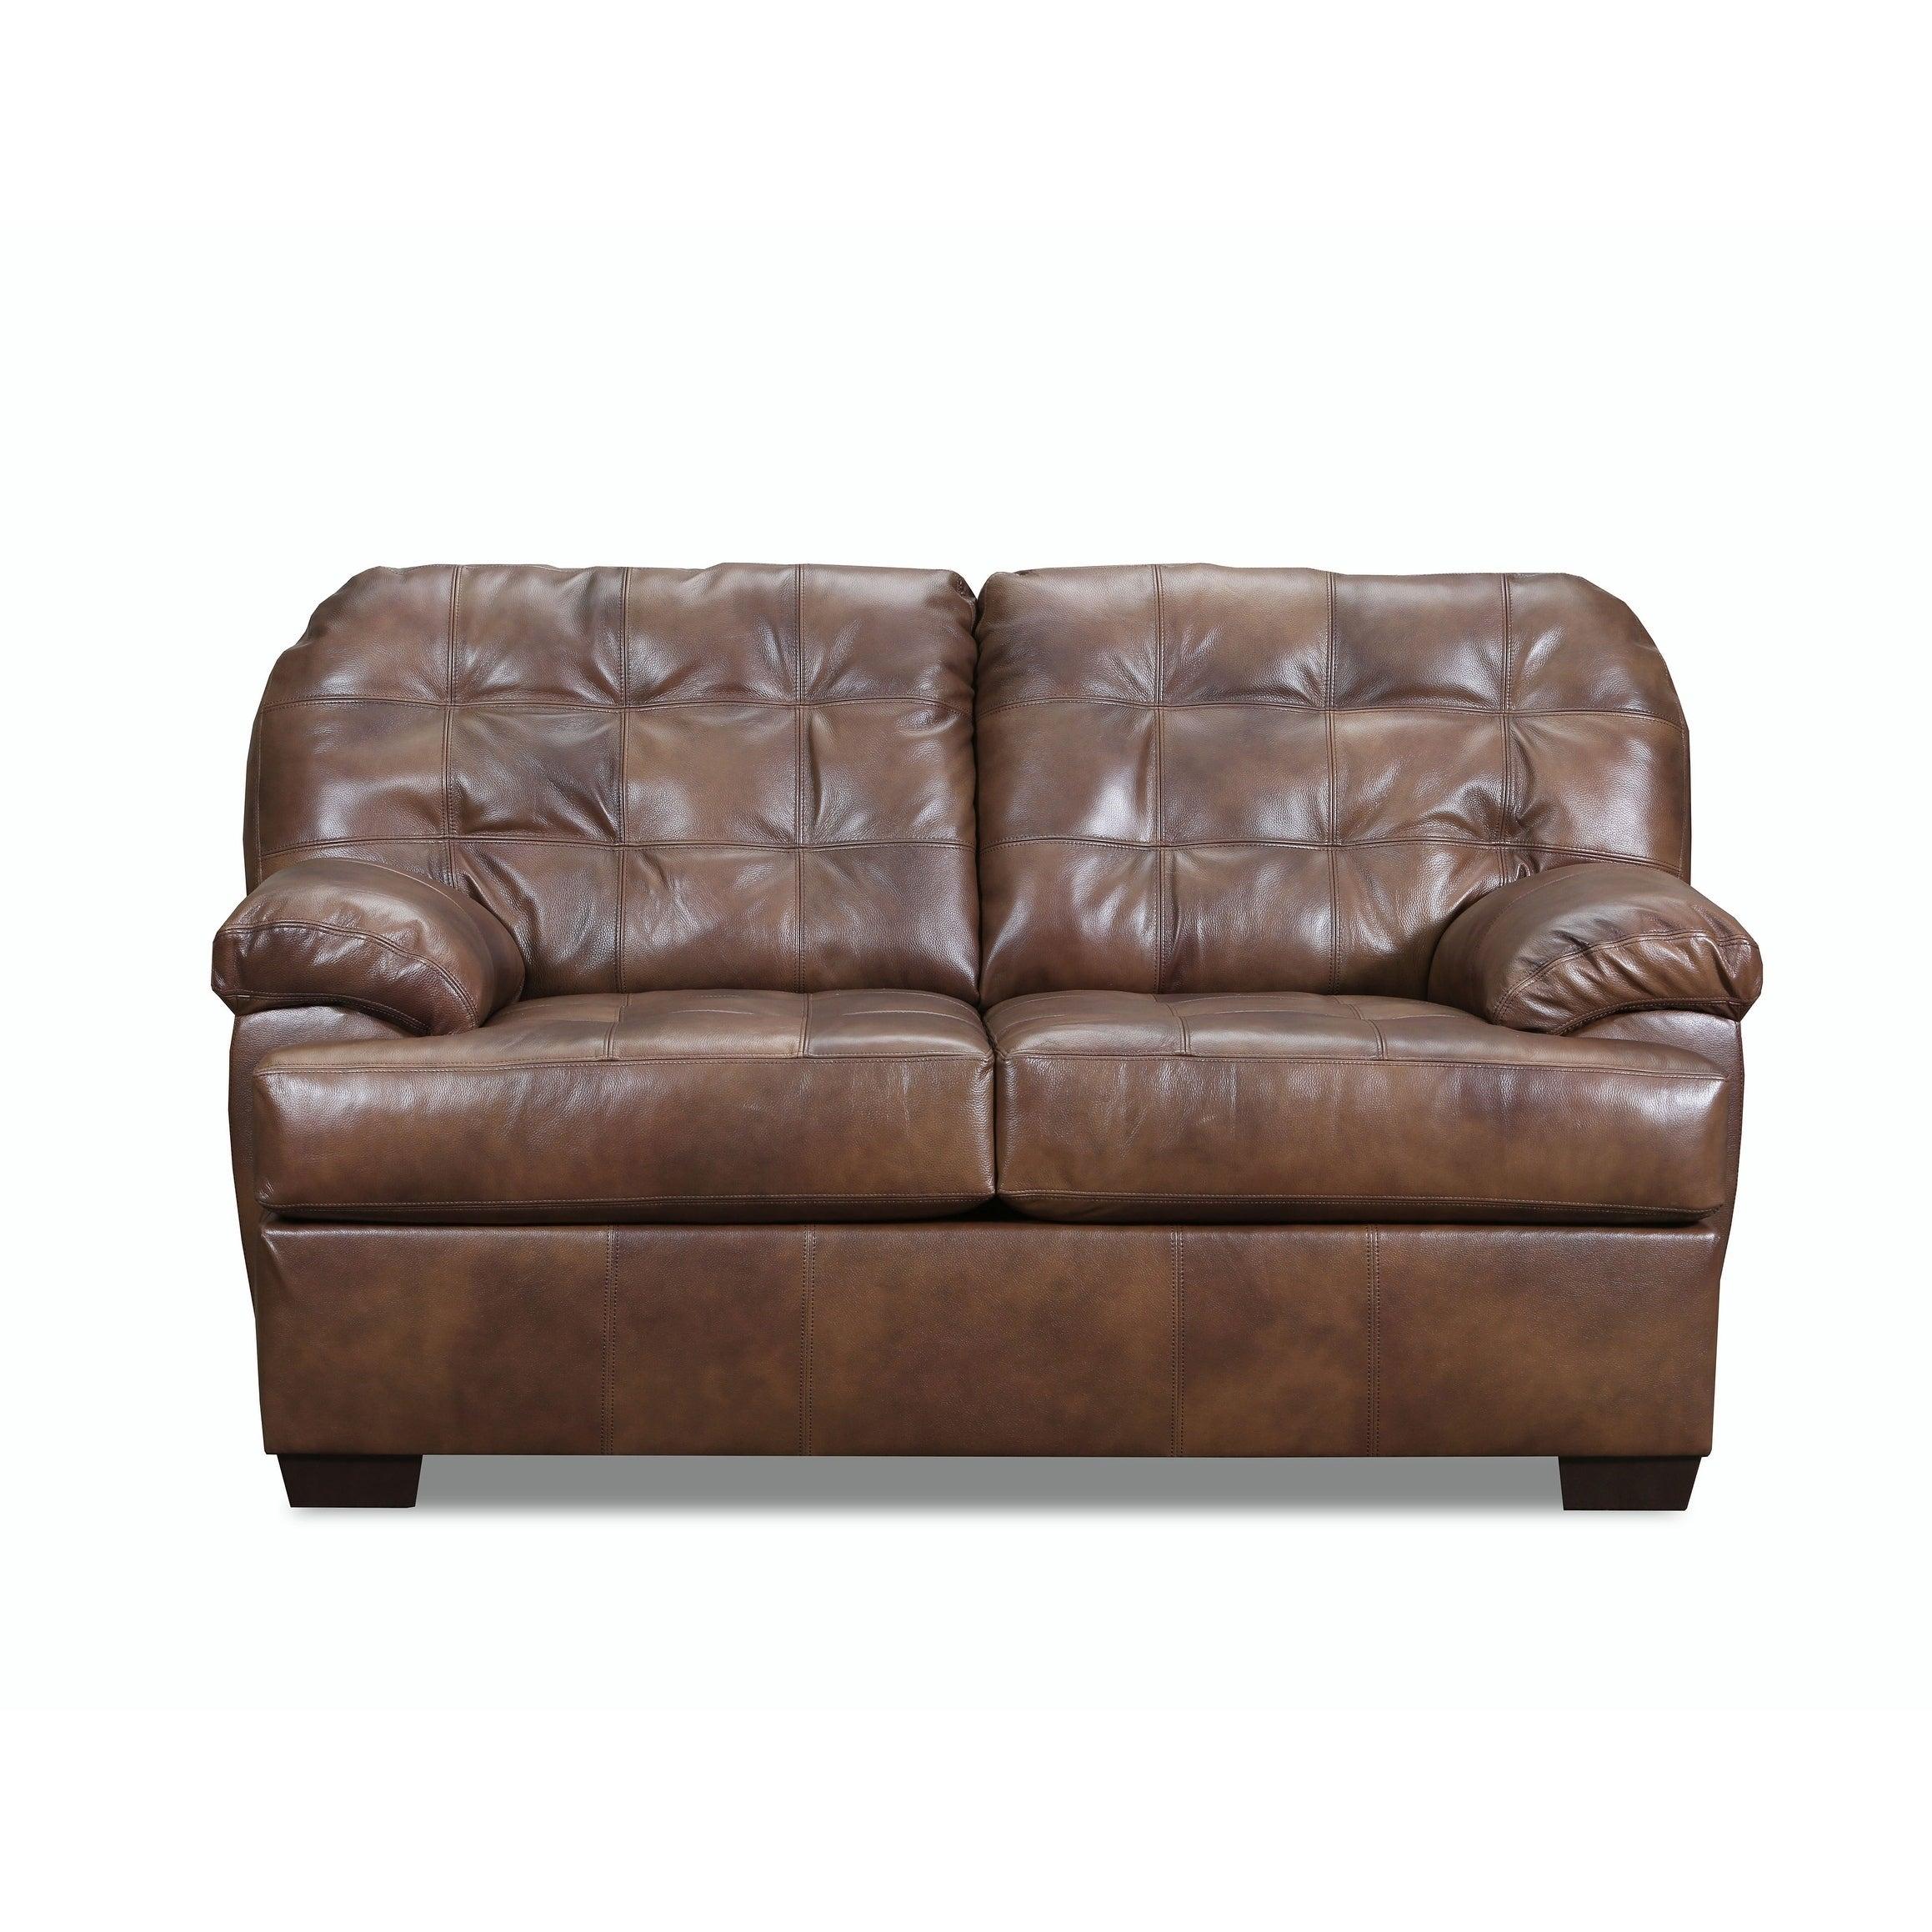 Surprising Flores Top Grain Leather Sofa And Loveseat Set Inzonedesignstudio Interior Chair Design Inzonedesignstudiocom